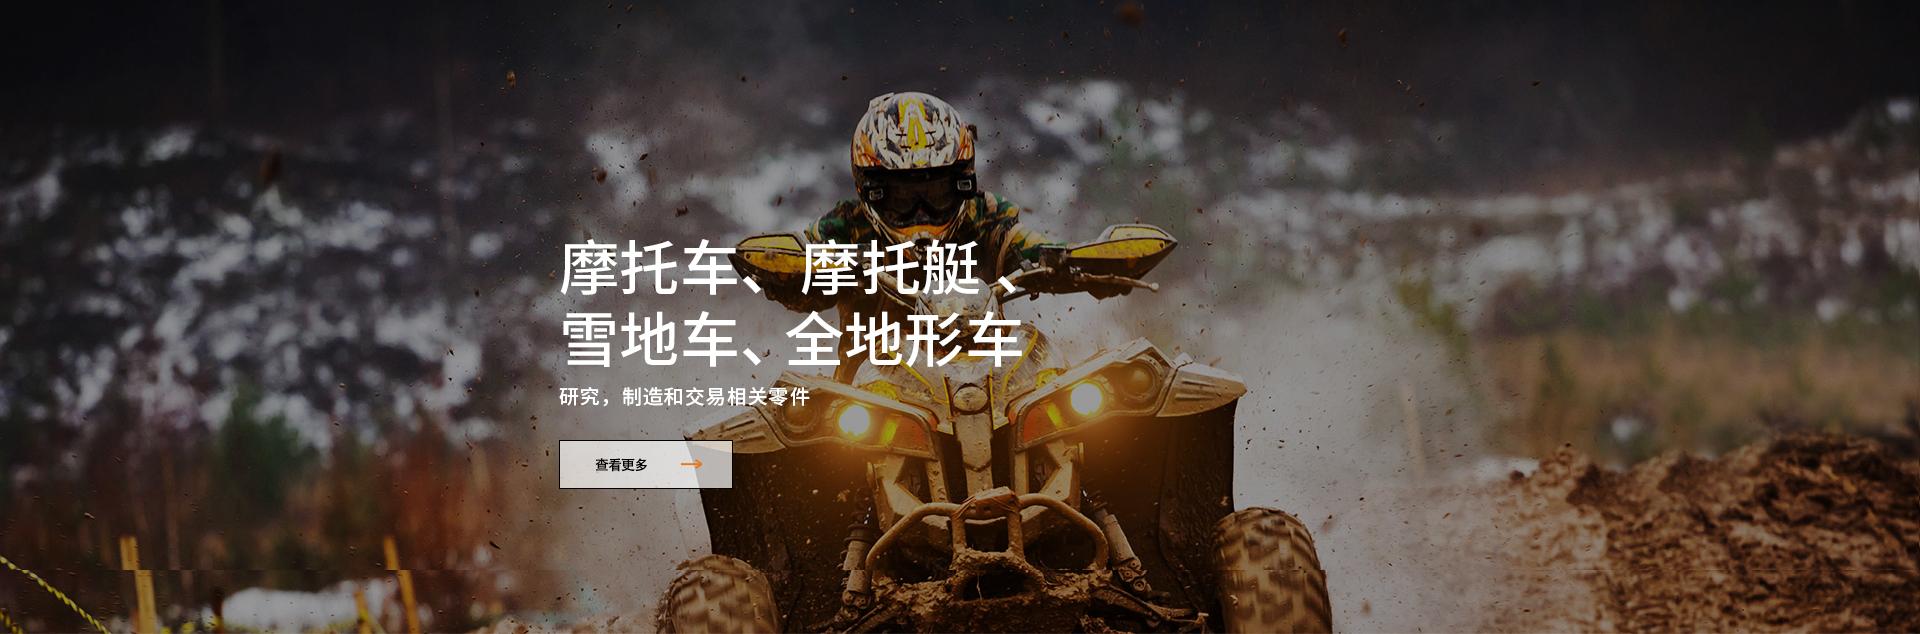 摩托车,手推车,全地形车